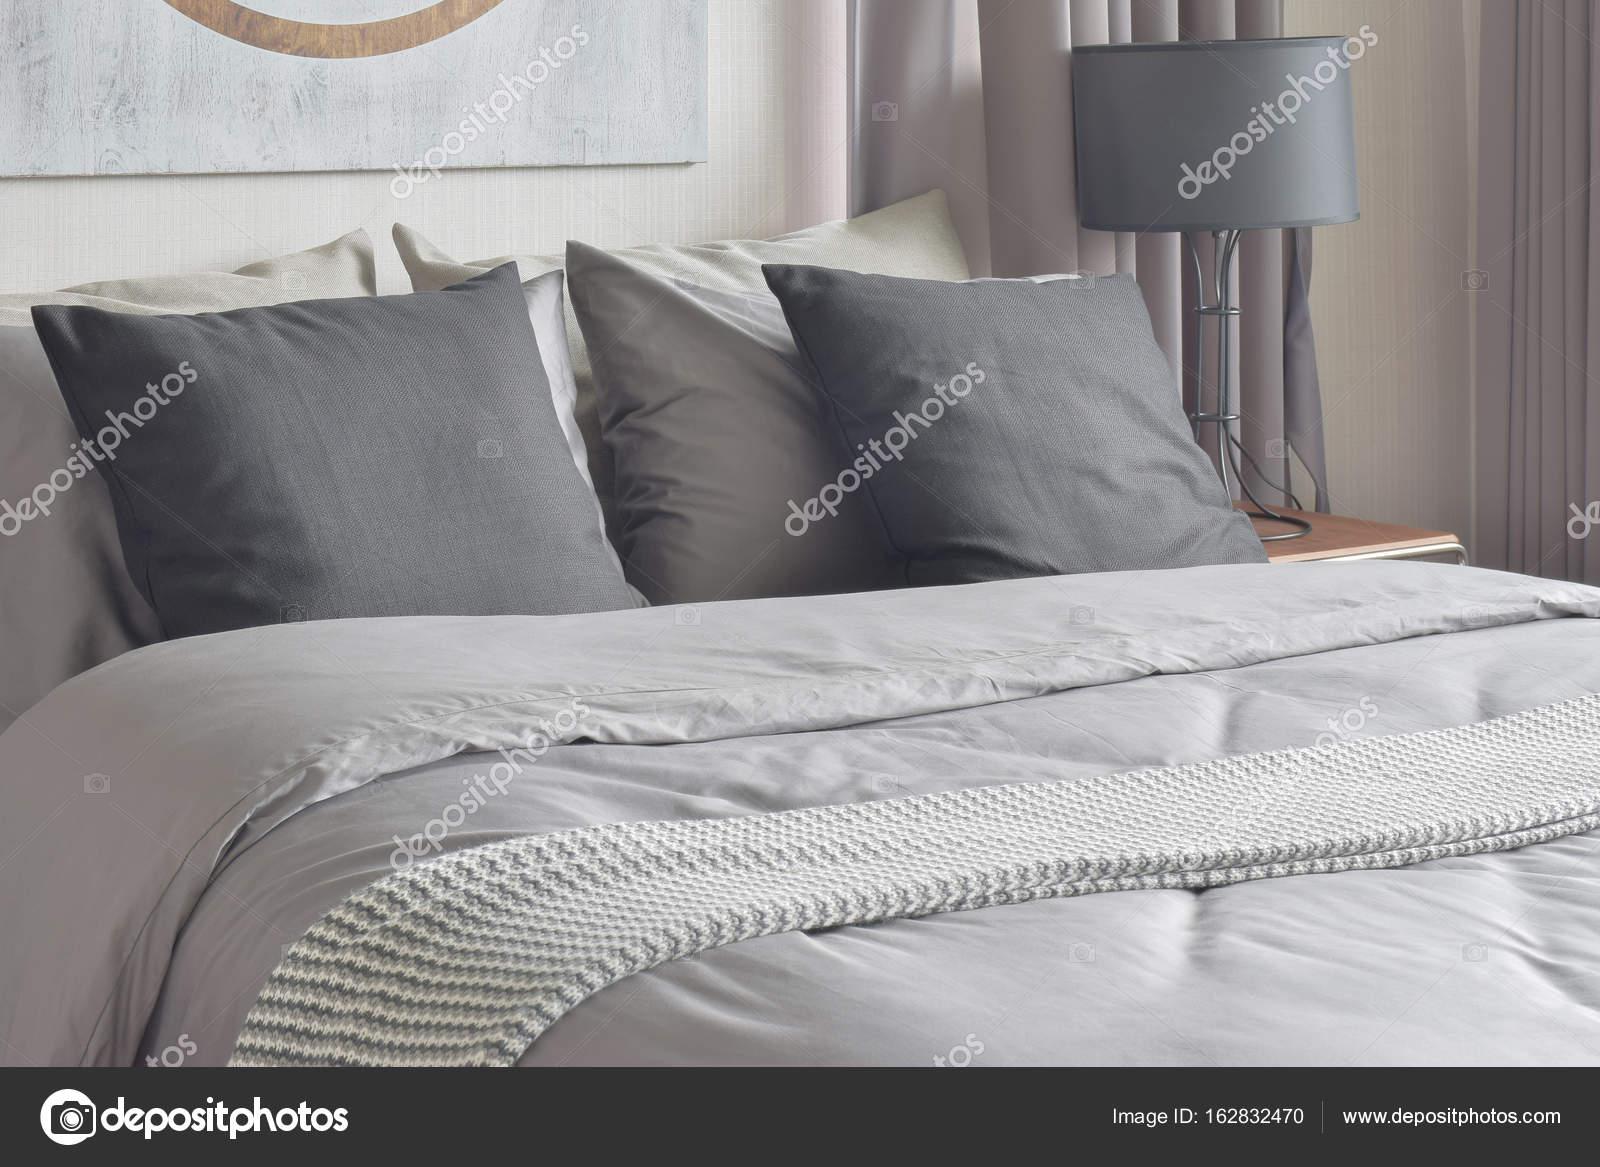 Interno bianco e nero tono biancheria camera da letto — Foto Stock ...